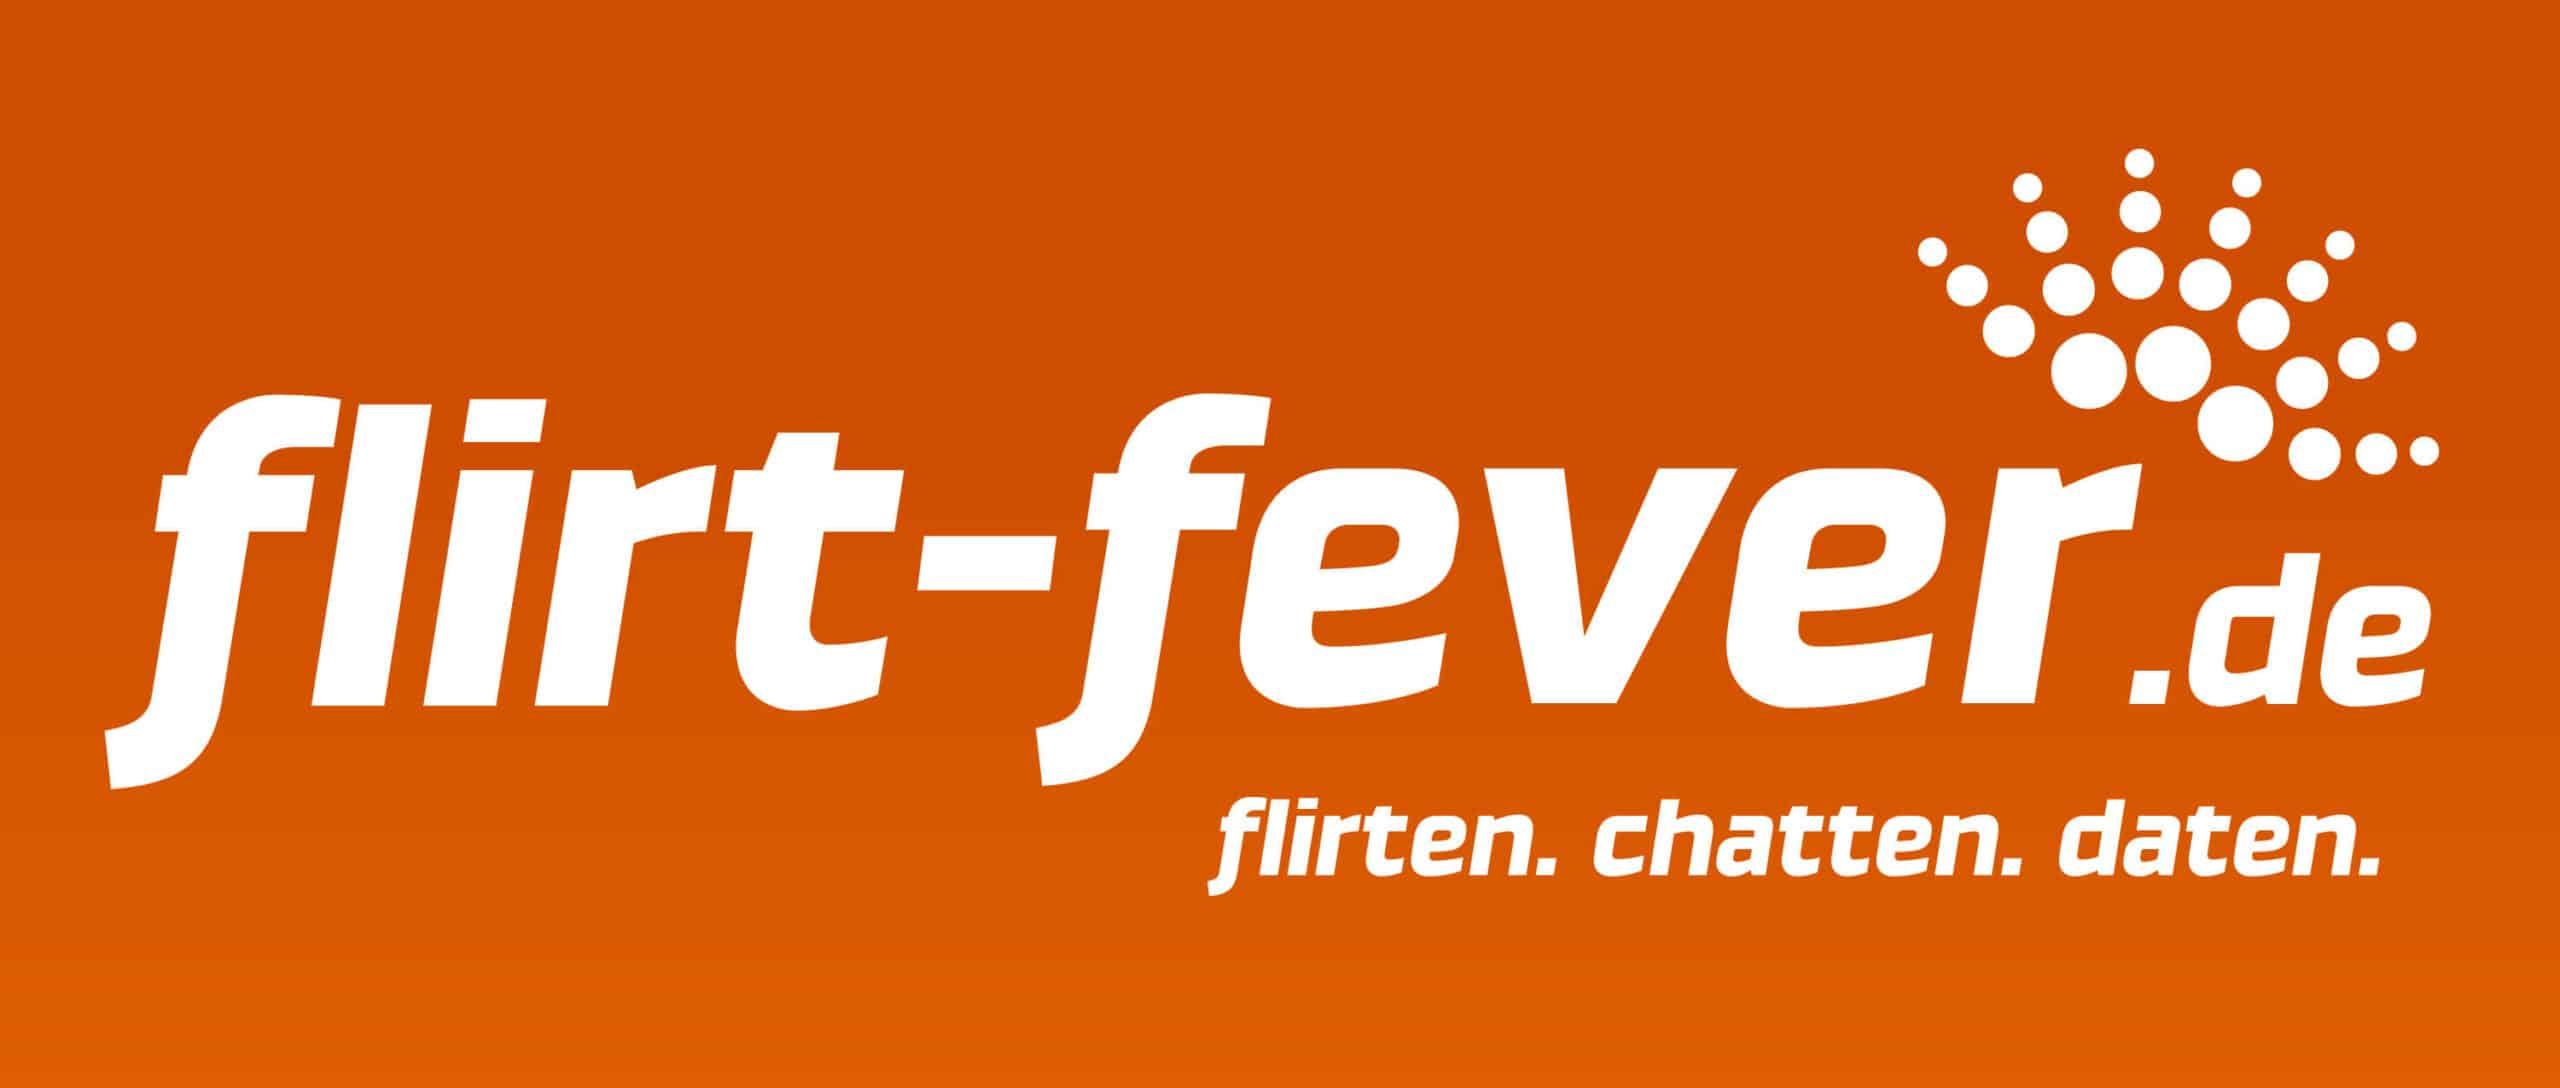 flirtfever - Übersicht für Die besten Dating-Seiten